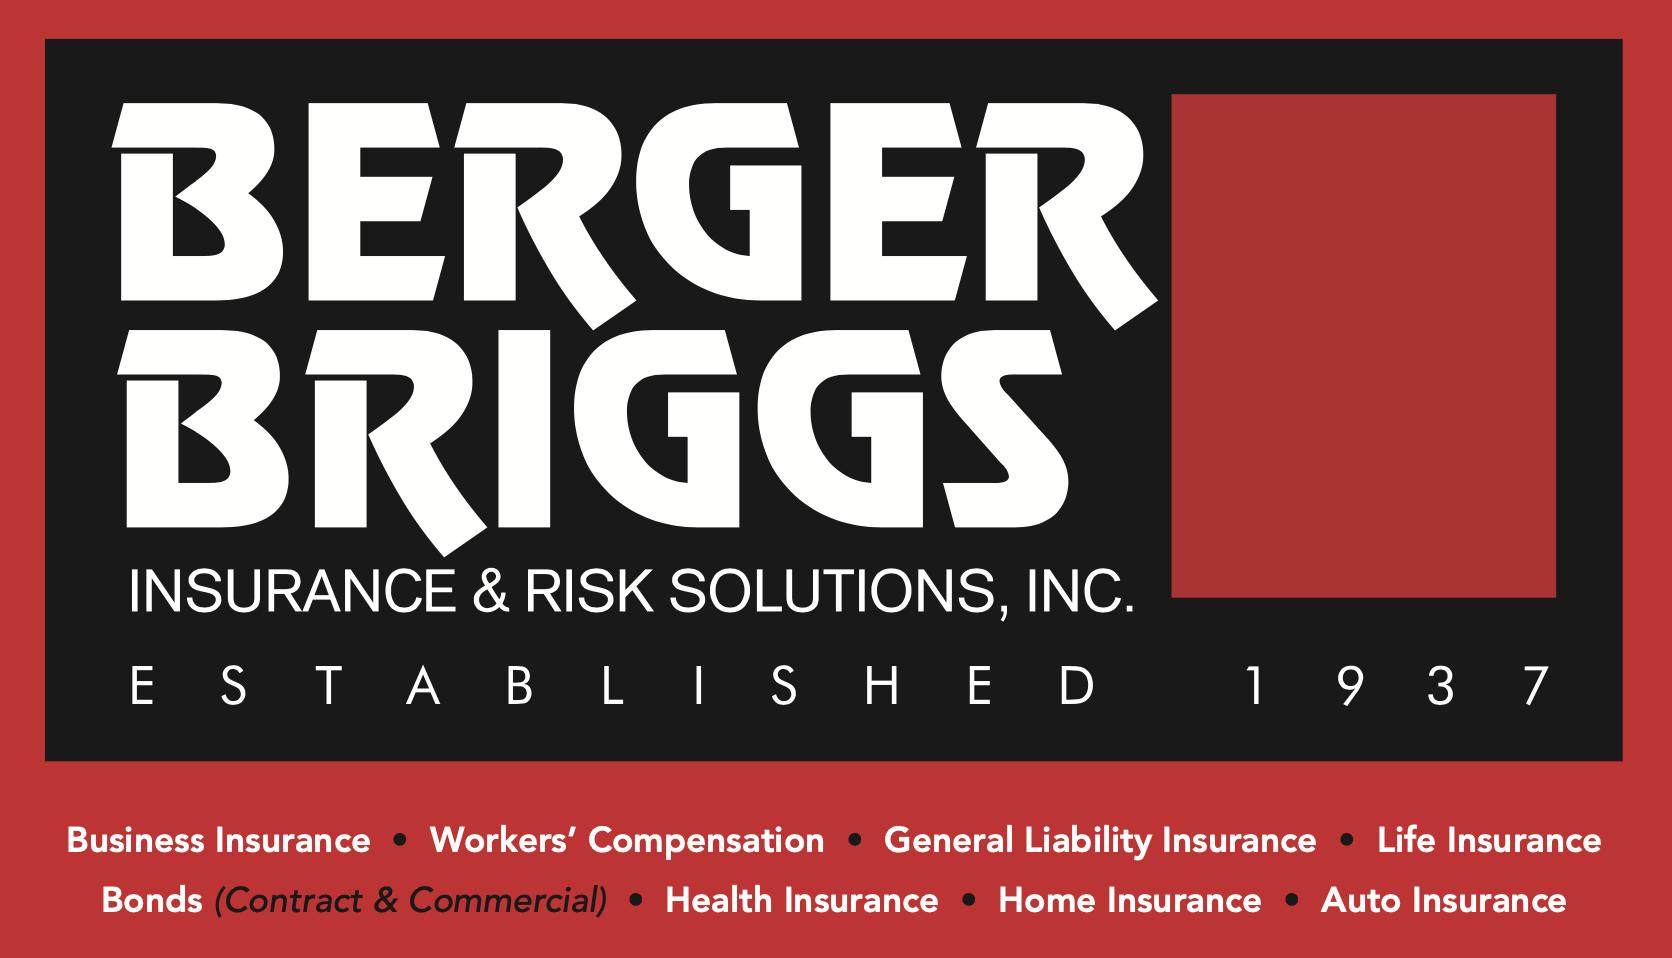 Agency Spotlight Berger Briggs Insurance Risk Solutions